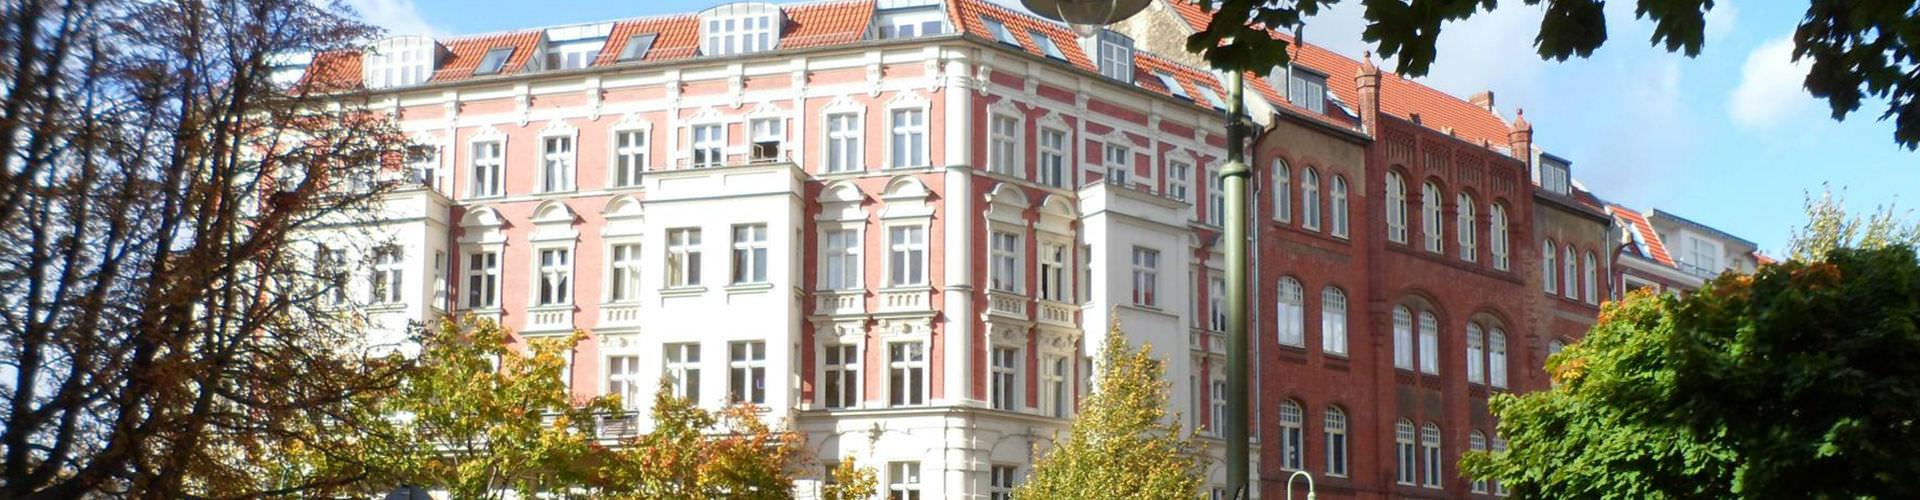 Berlin - Hôtels dans le quartier de Prenzlauer Berg. Cartes pour Berlin, photos et commentaires pour chaque hôtel à Berlin.